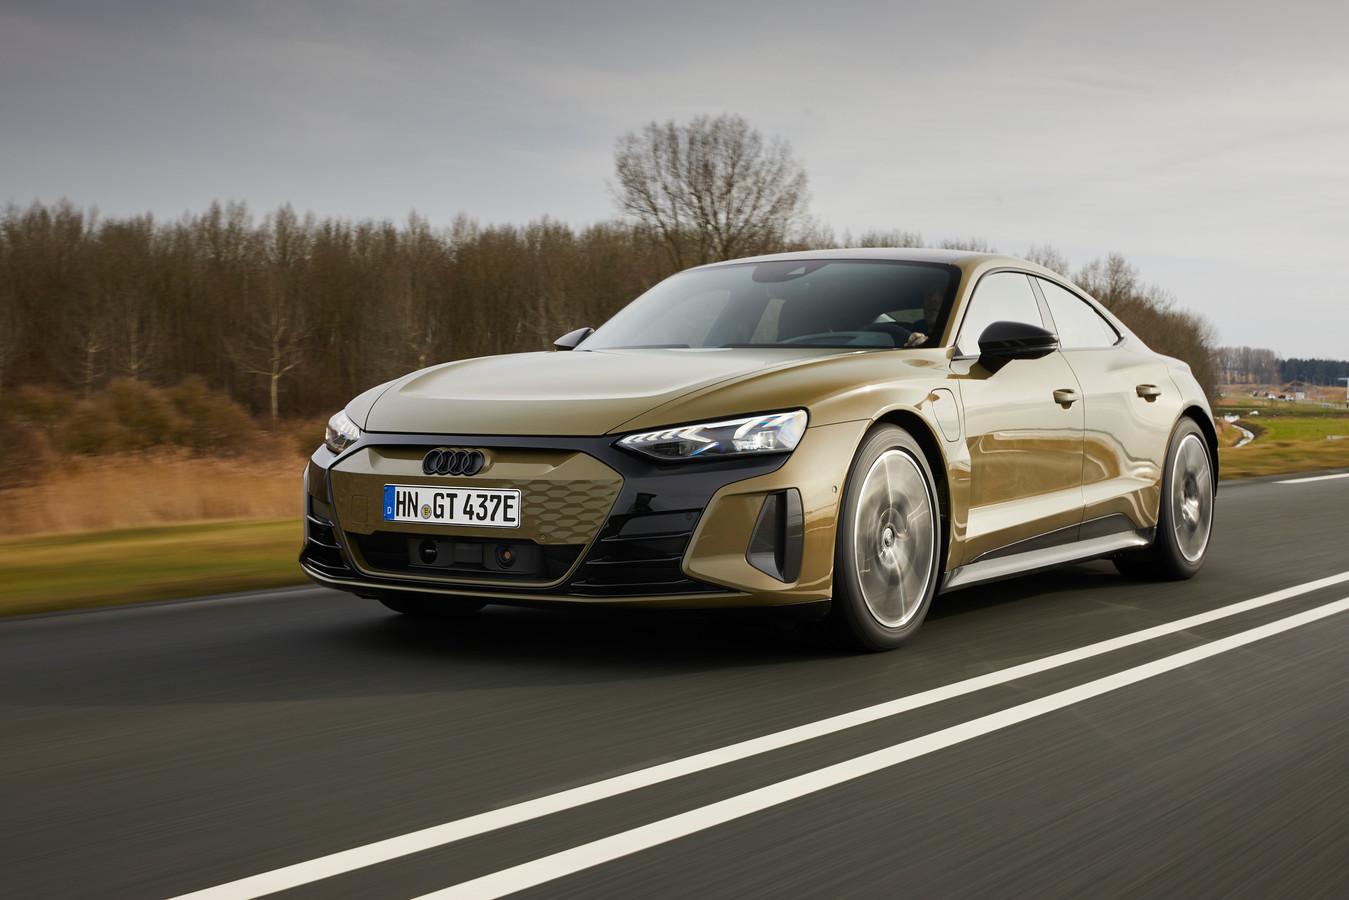 De RS-versie is nog heftiger en sneller dan de 'standaard' GT